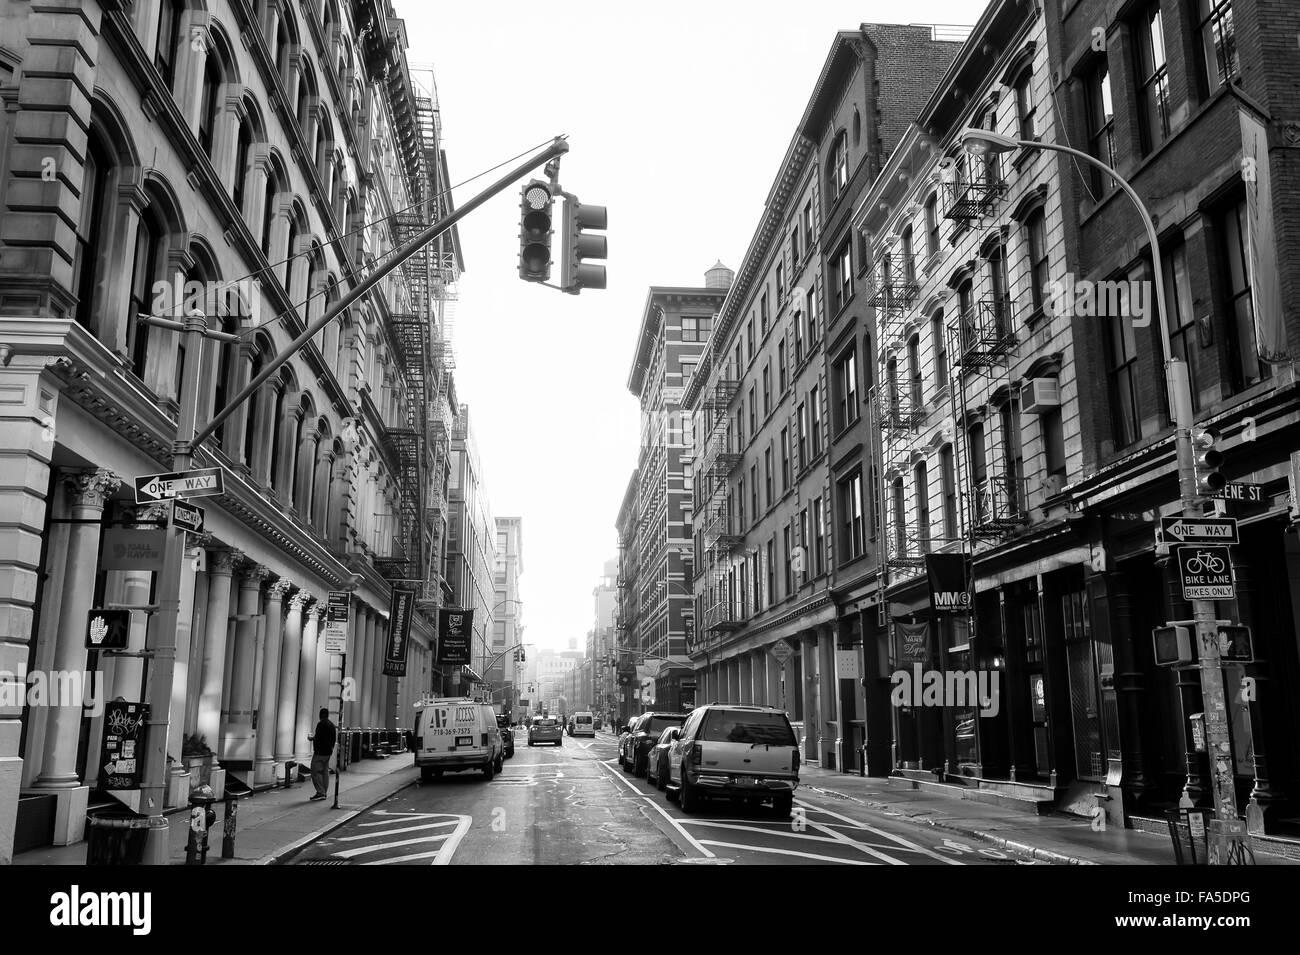 NEW YORK CITY, USA - 10. Dezember 2015: Innenstadt von Gassen in der traditionellen Architektur im historischen Stockbild